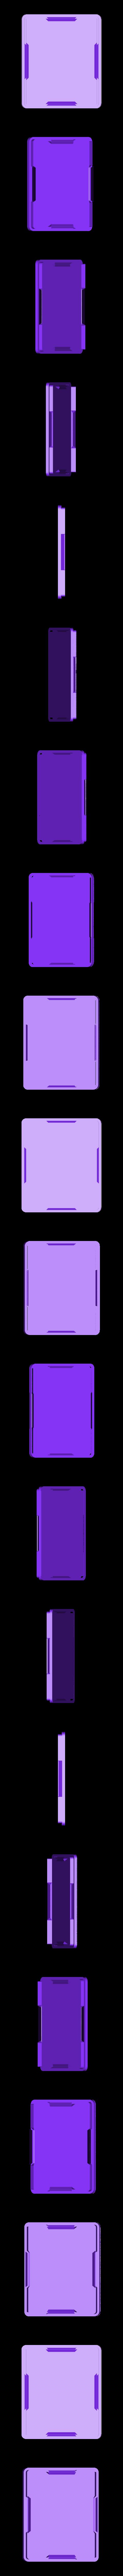 slider-case-cover.stl Télécharger fichier STL gratuit Slider de caméra motorisé MK3 • Modèle pour impression 3D, Adafruit